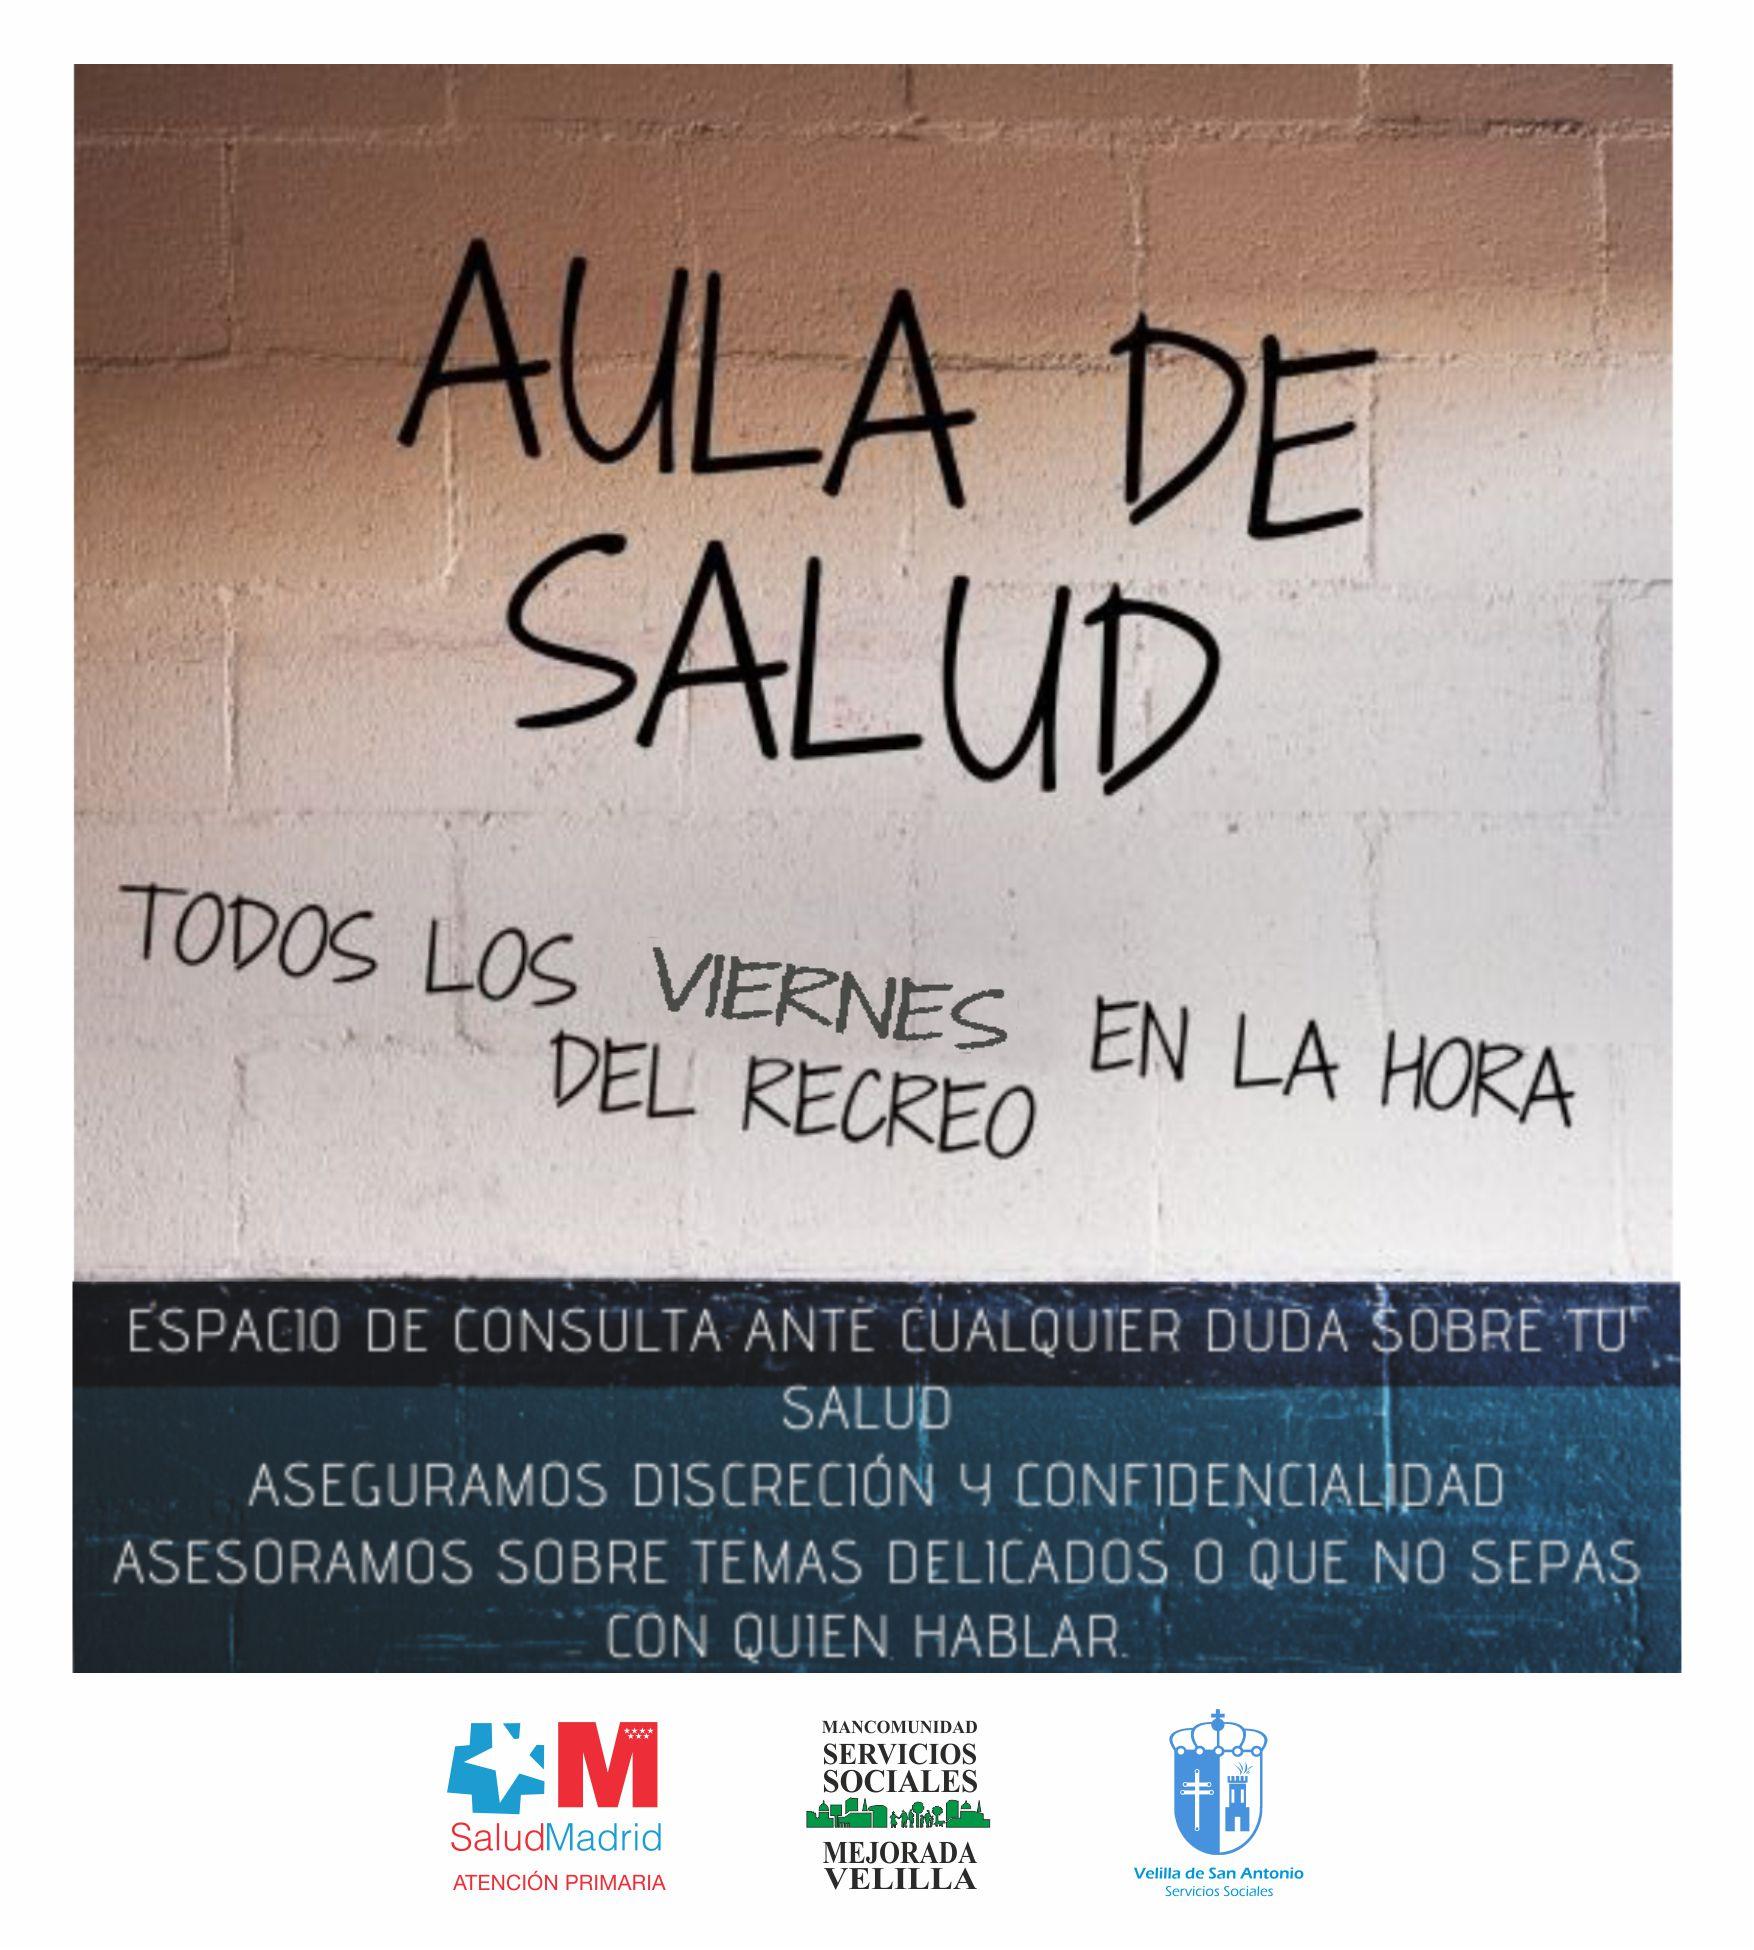 """El nuevo proyecto """"Aula de Salud"""" llega al IES Ana María Matute para atender consultas personales de los jóvenes"""